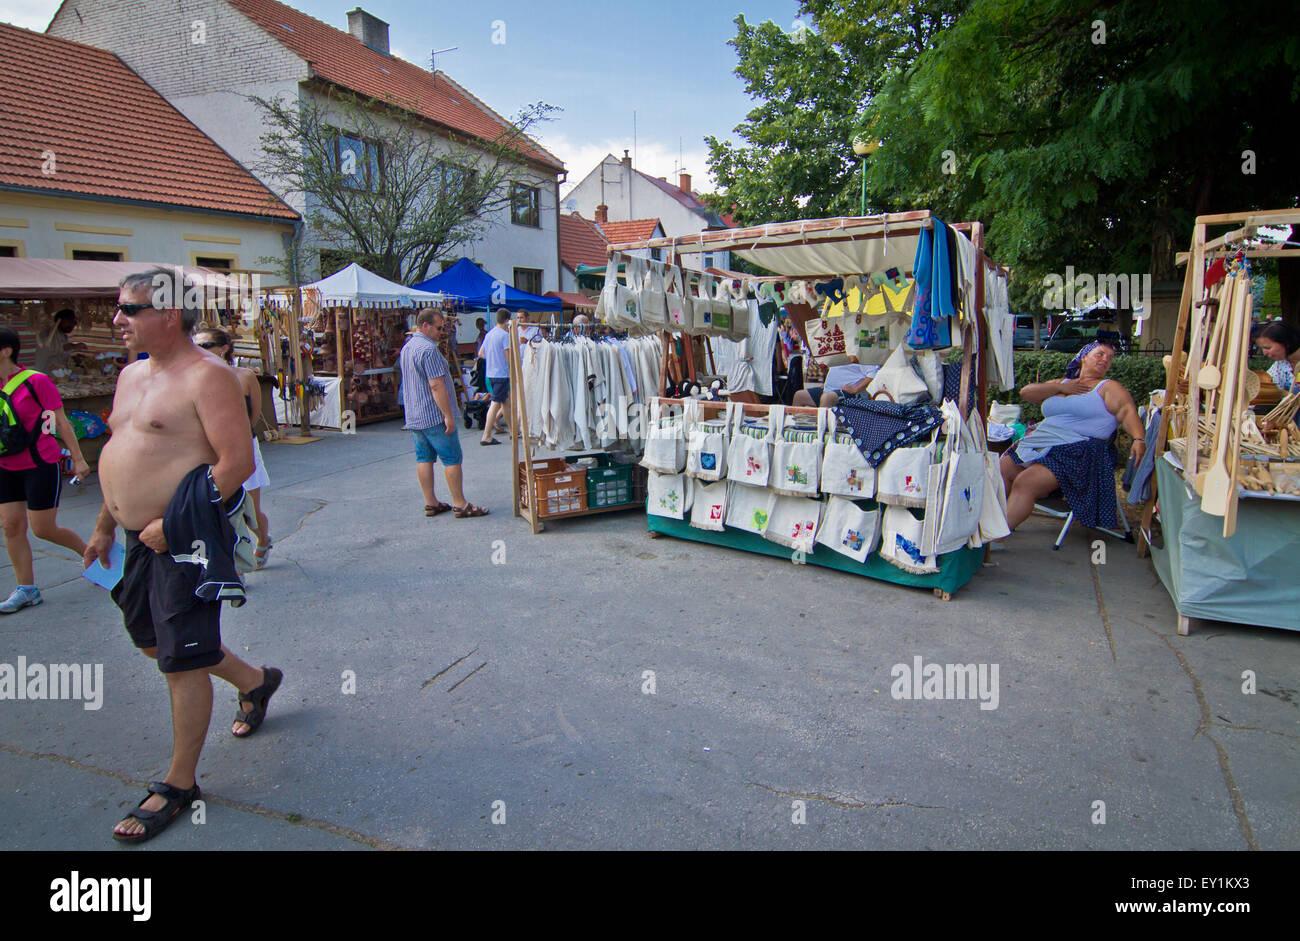 Outdoor handcraft market - Stock Image